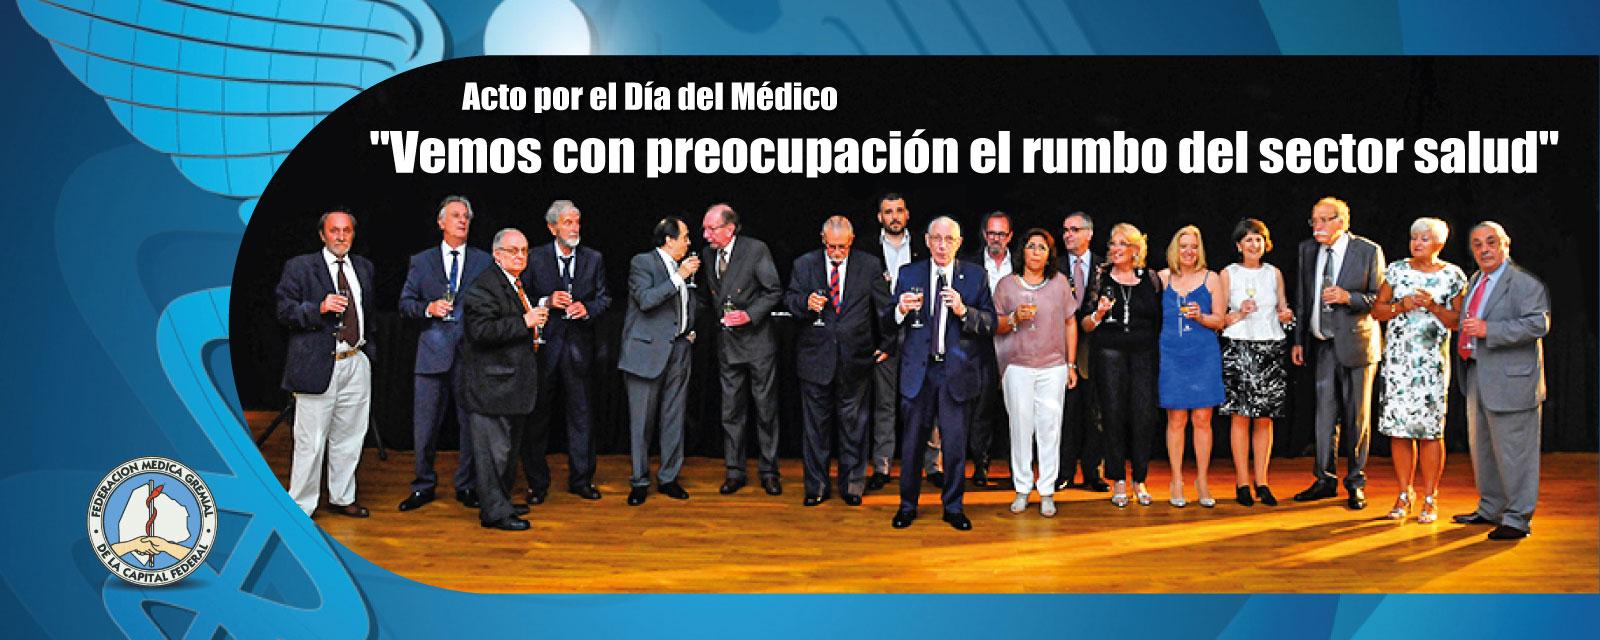 El titular de Femeca reflexionó sobre la realidad de la profesión